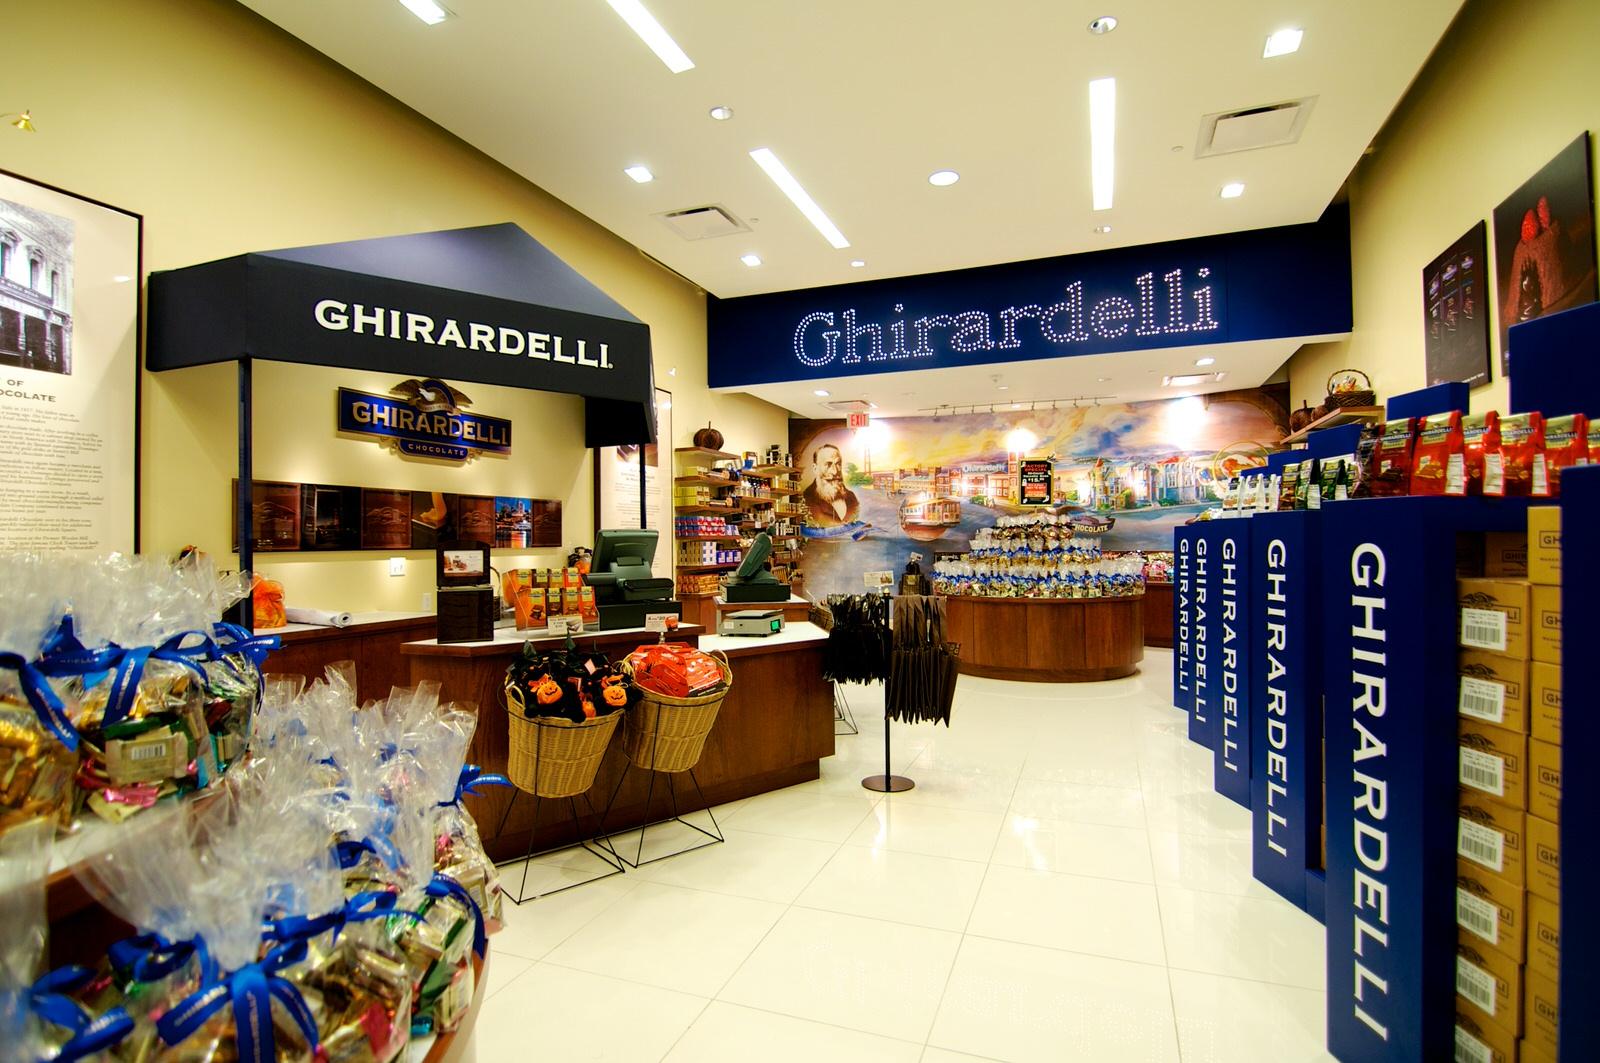 Ghirardelli Ontario7